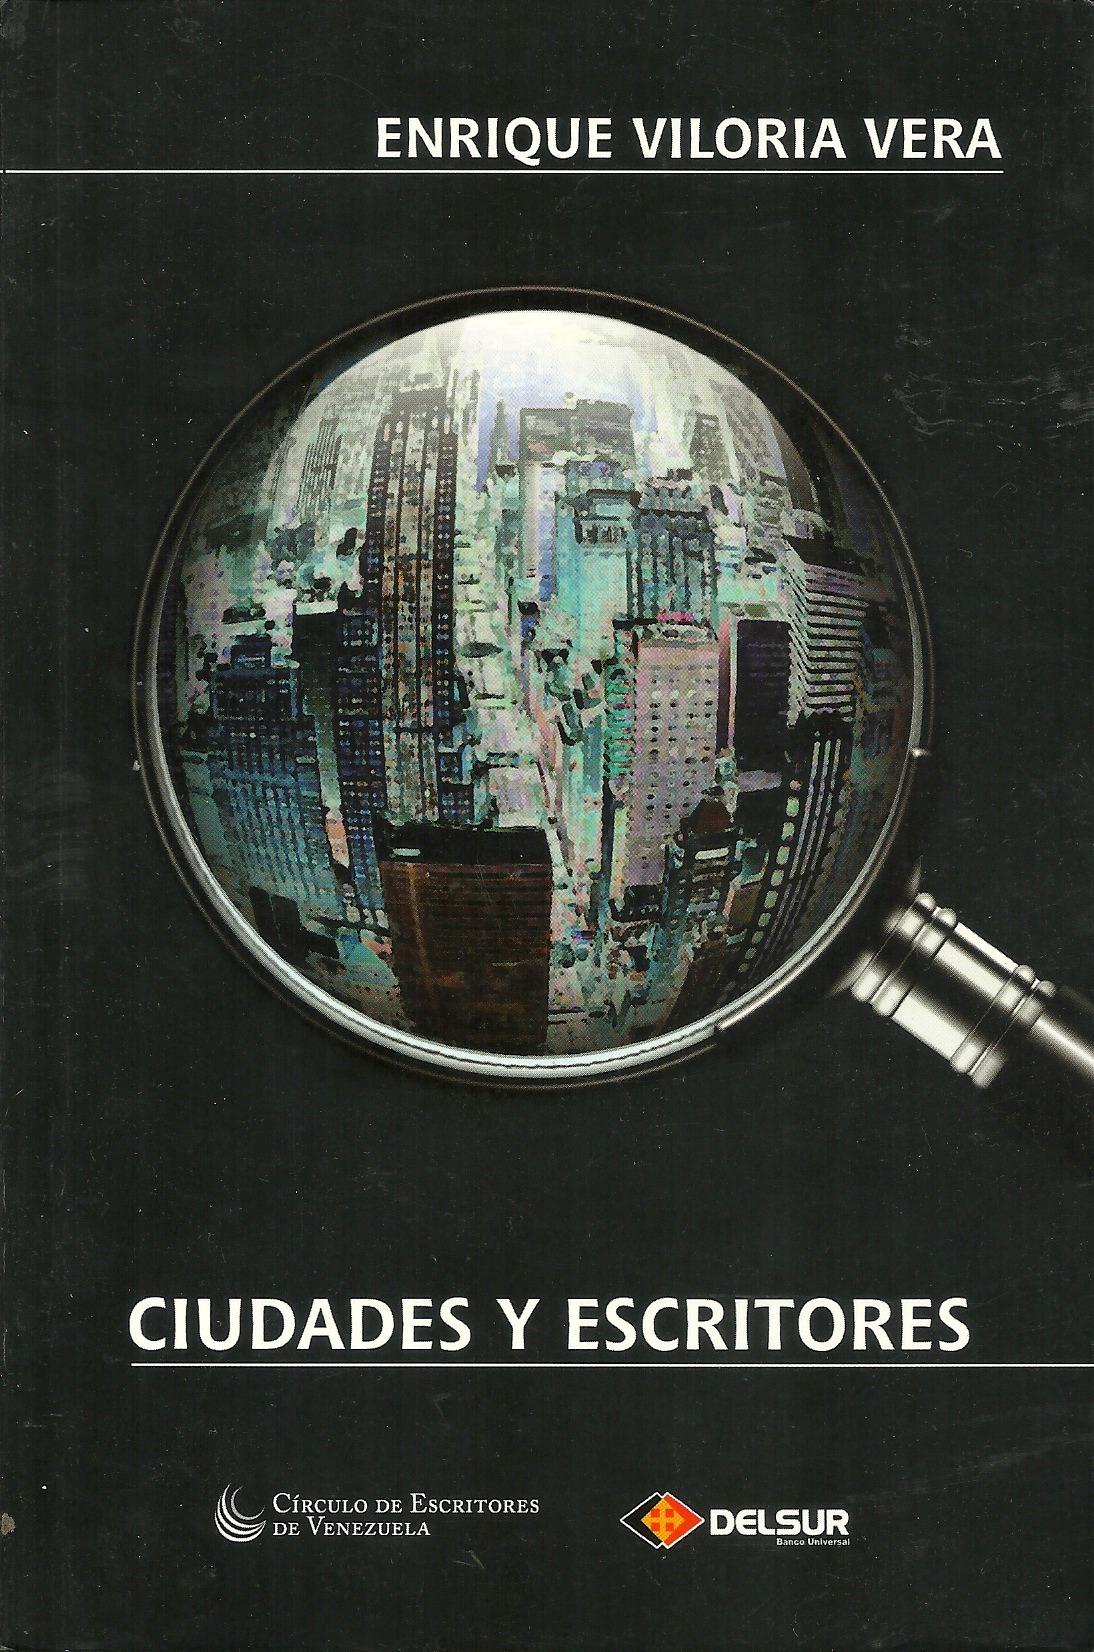 Ciudades y Escritores Enrique Viloria Vera